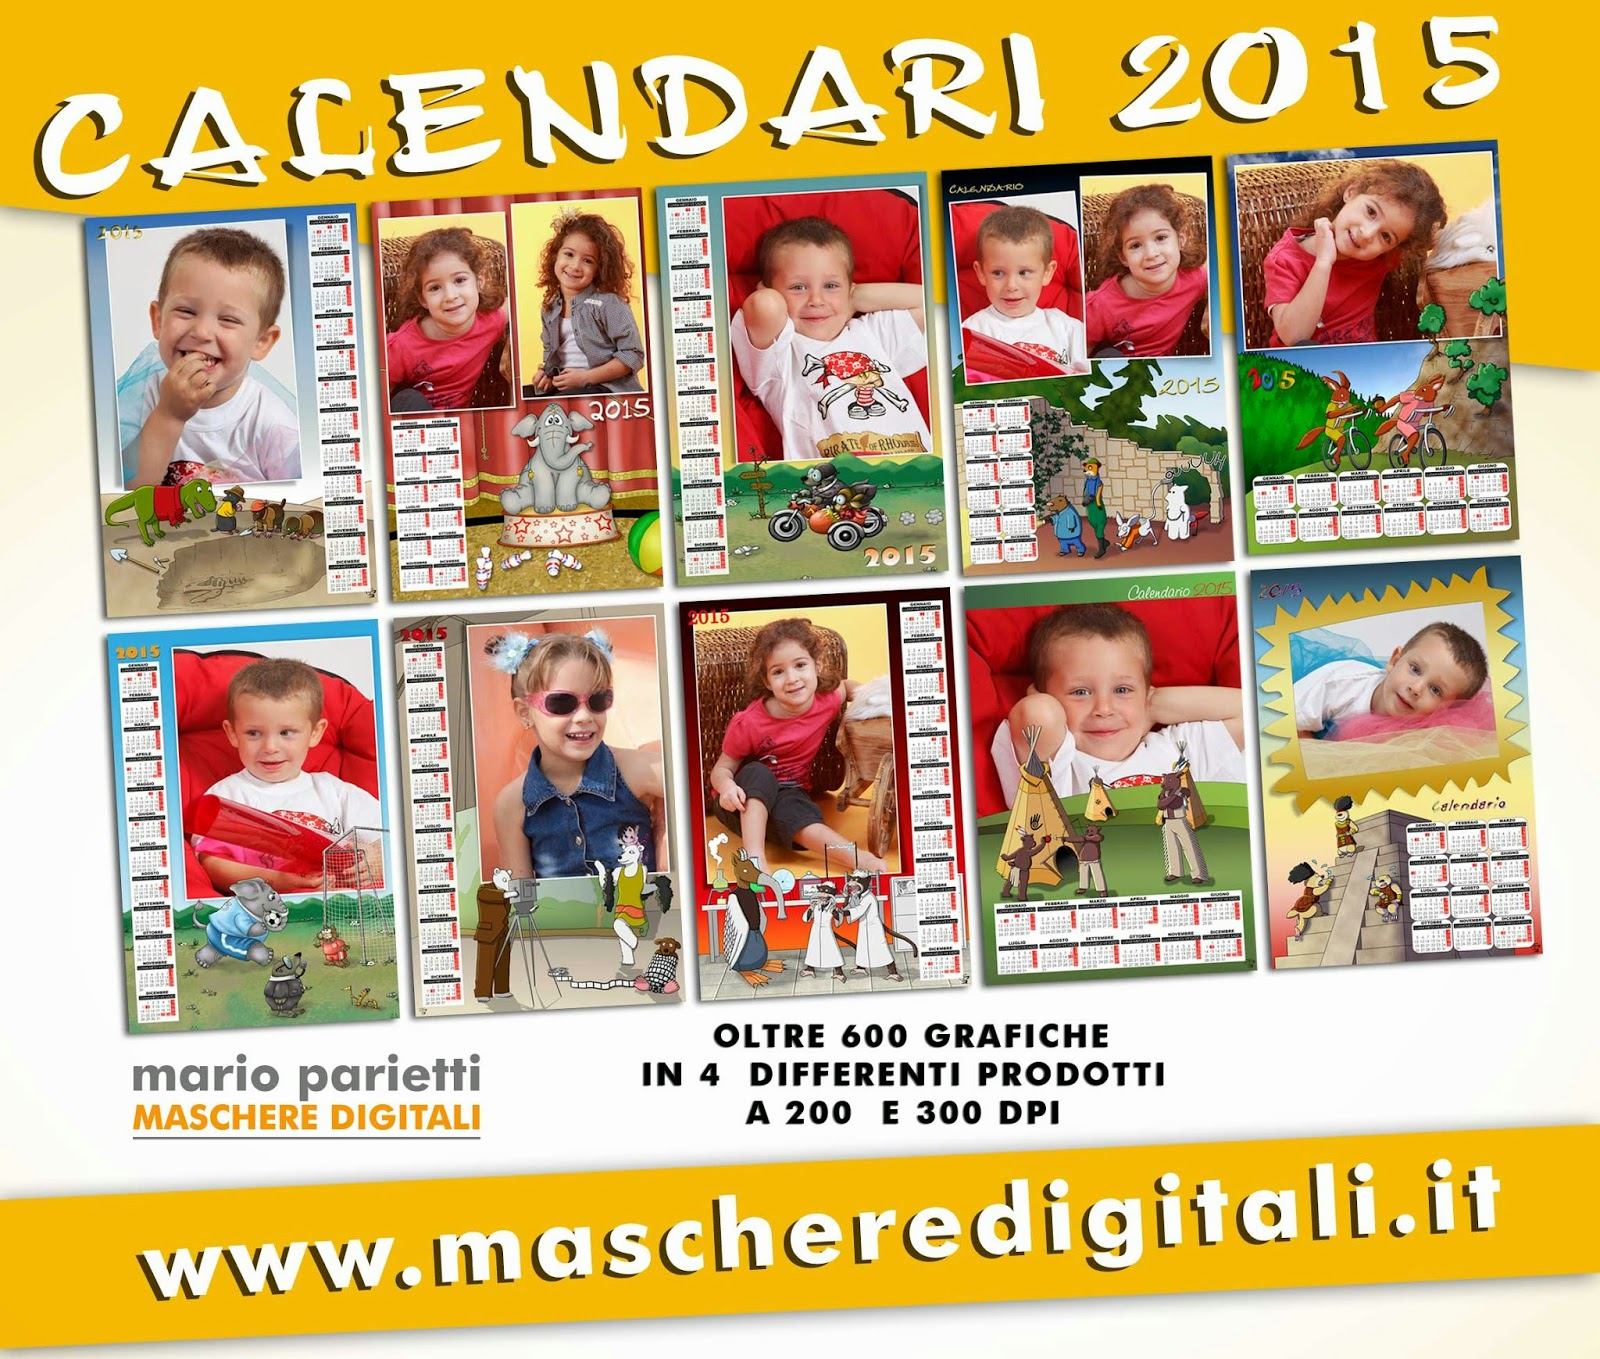 grafiche Psd per calendari 2015